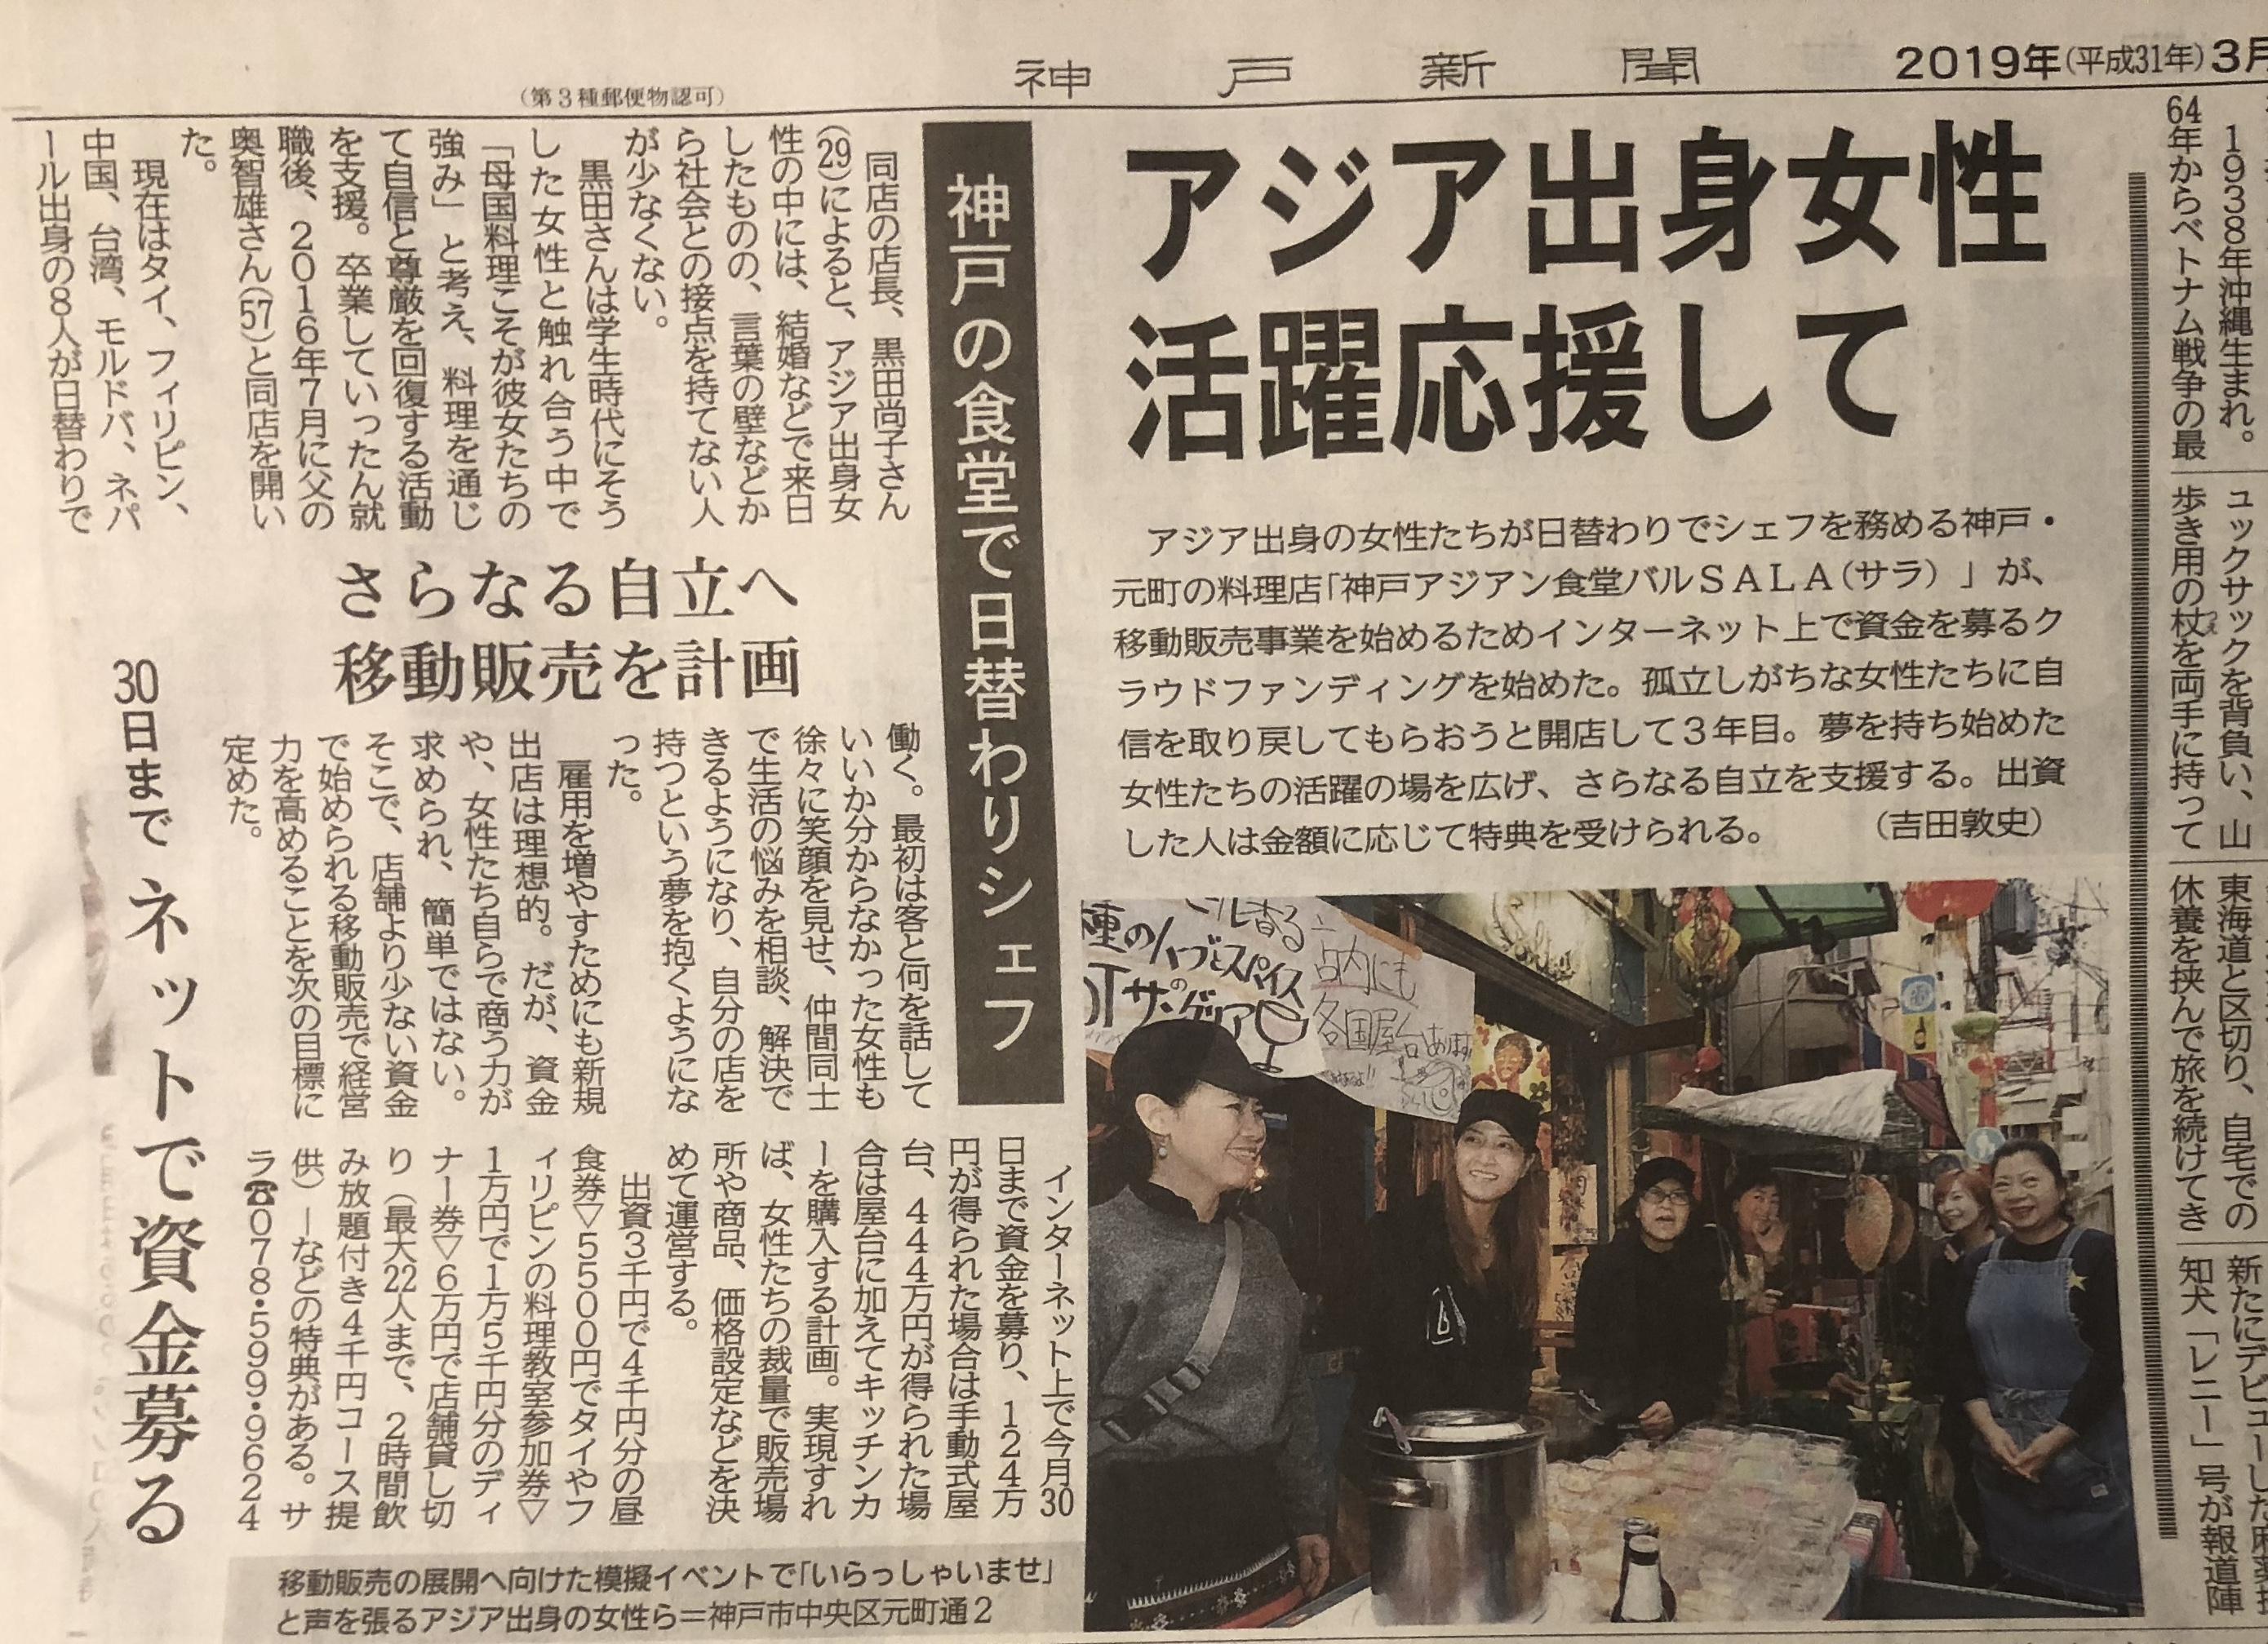 【メディア掲載情報】3月6日(水)神戸新聞朝刊にてSALAのクラウドファンディングをご掲載いただきました!